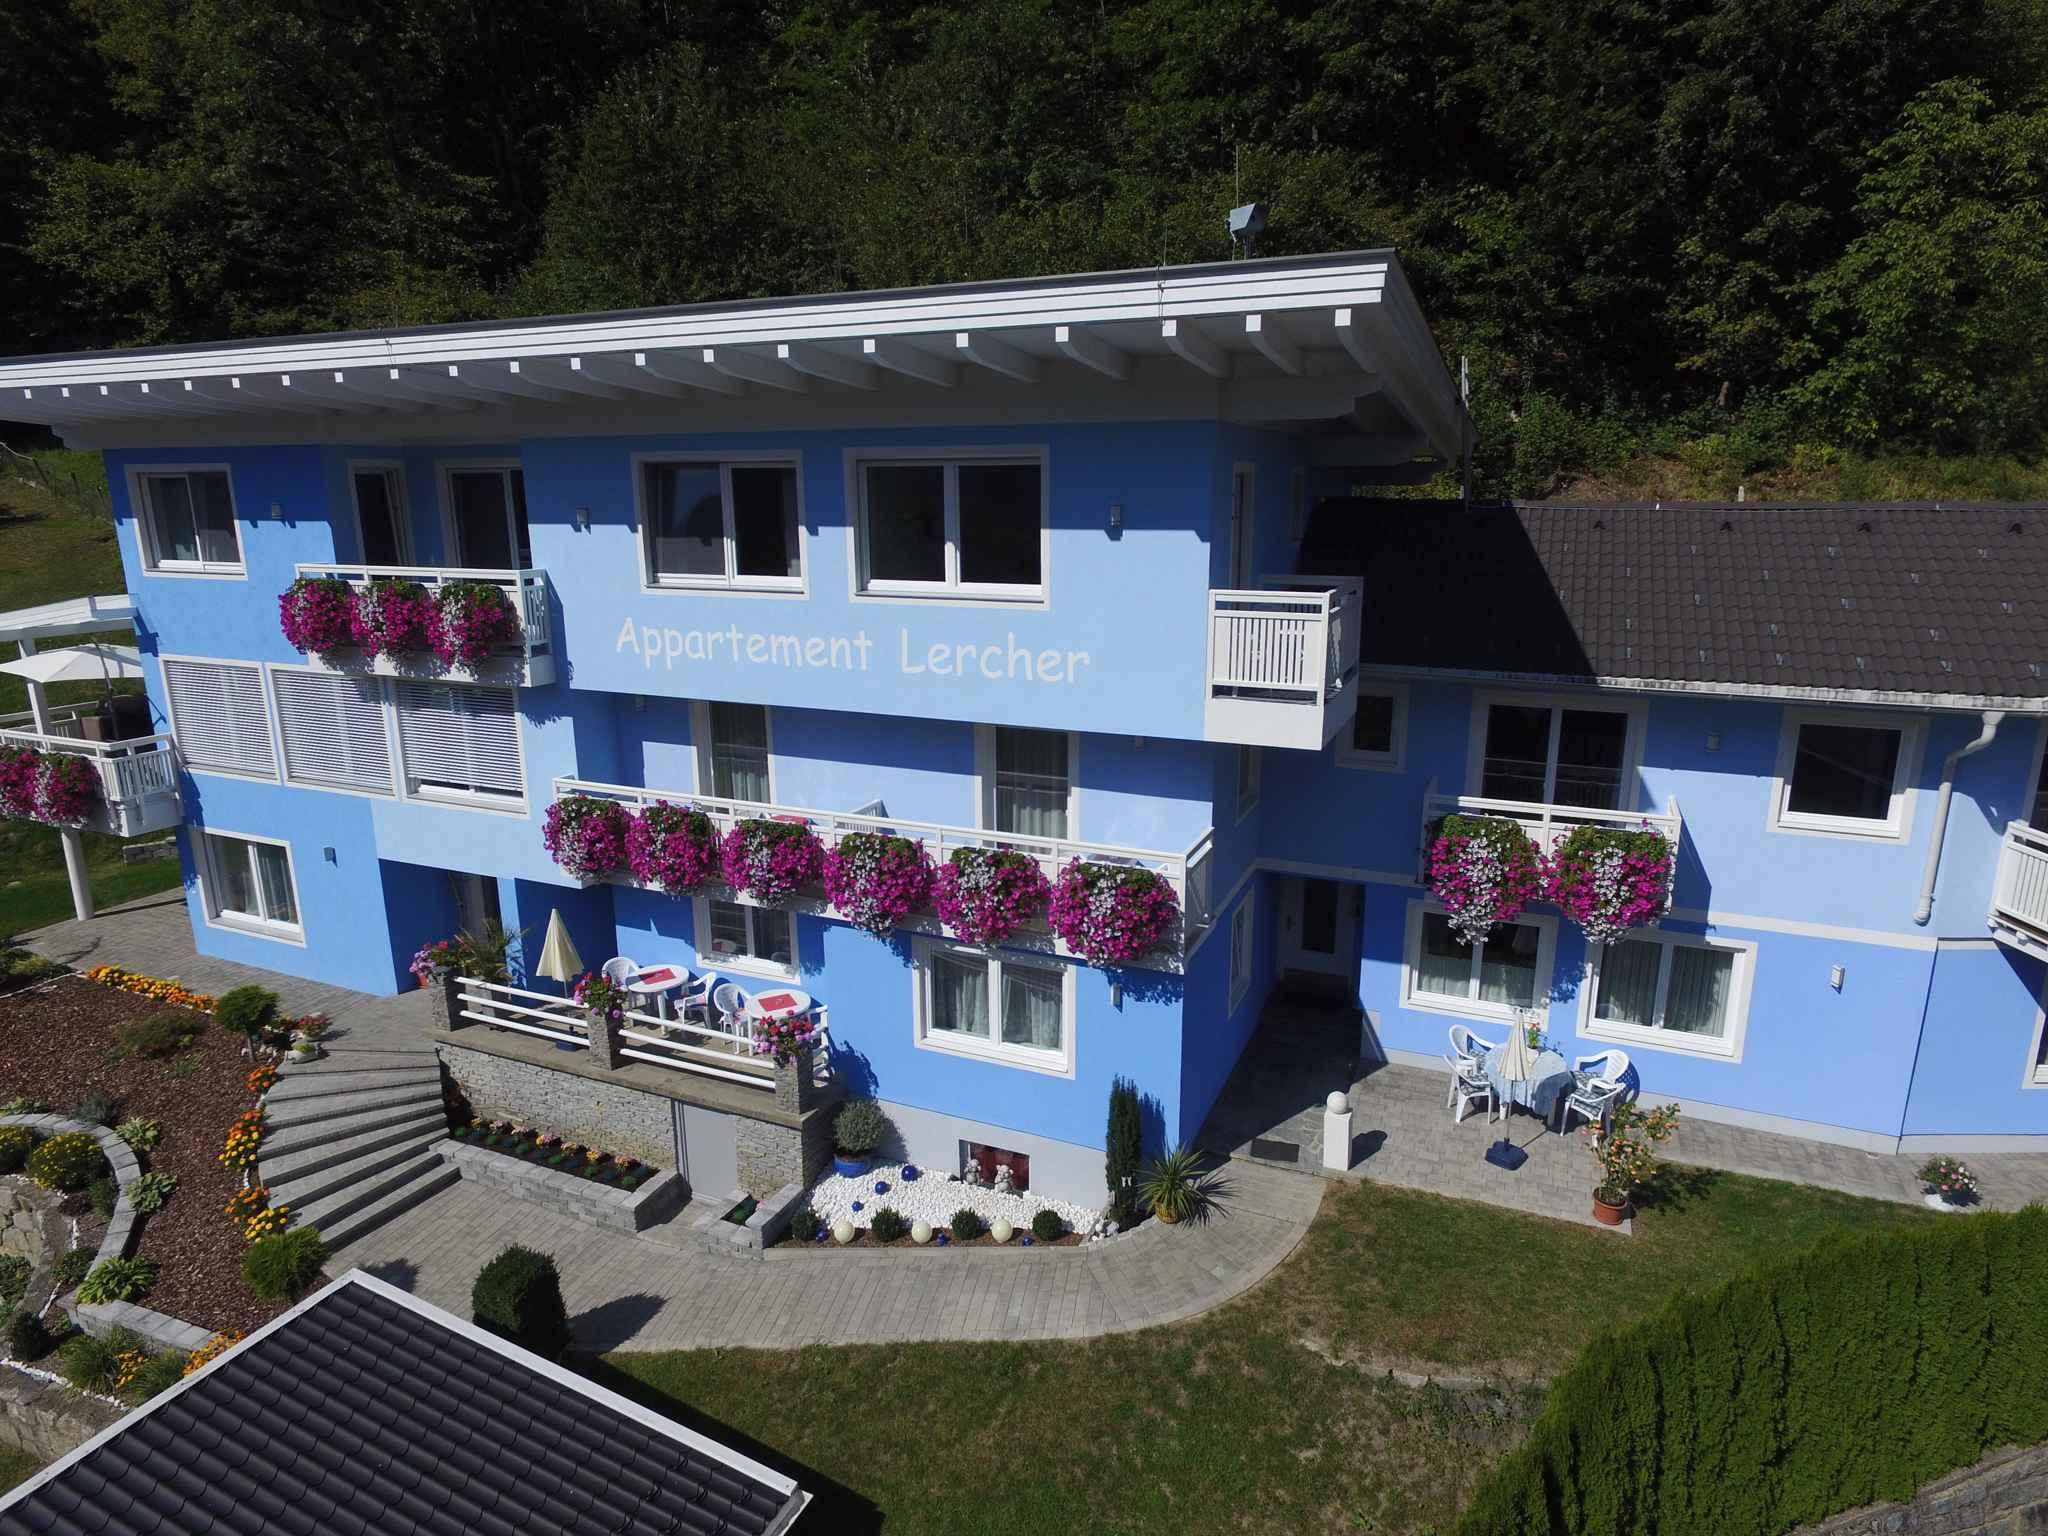 Ferienwohnung in ruhiger sonniger Lage (281294), Flattach, , Kärnten, Österreich, Bild 2